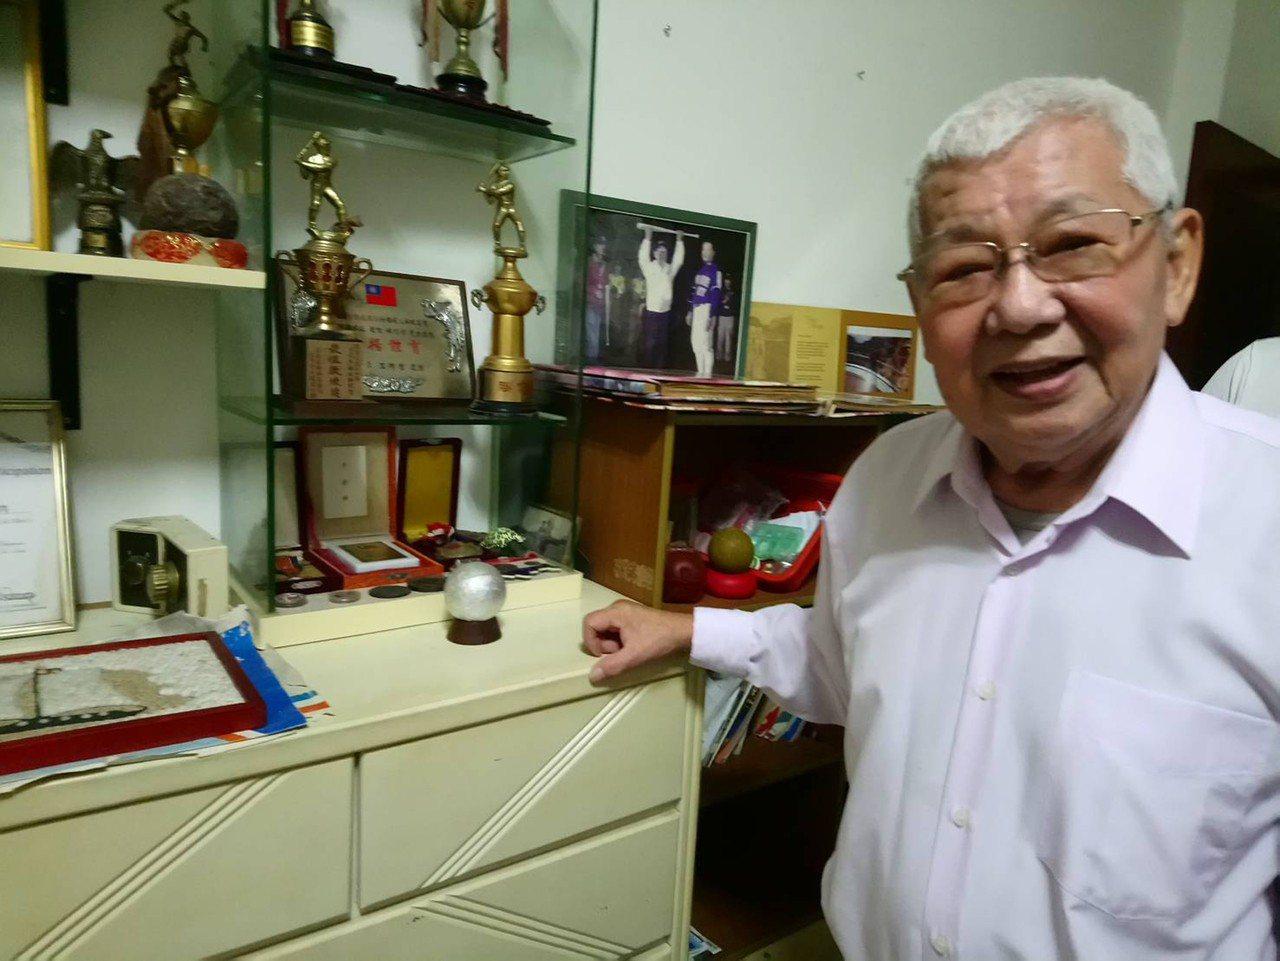 前三商虎隊總教練、於職棒元年帶領三商虎隊拿下台灣職棒史上第一座季冠軍的林信彰。(...